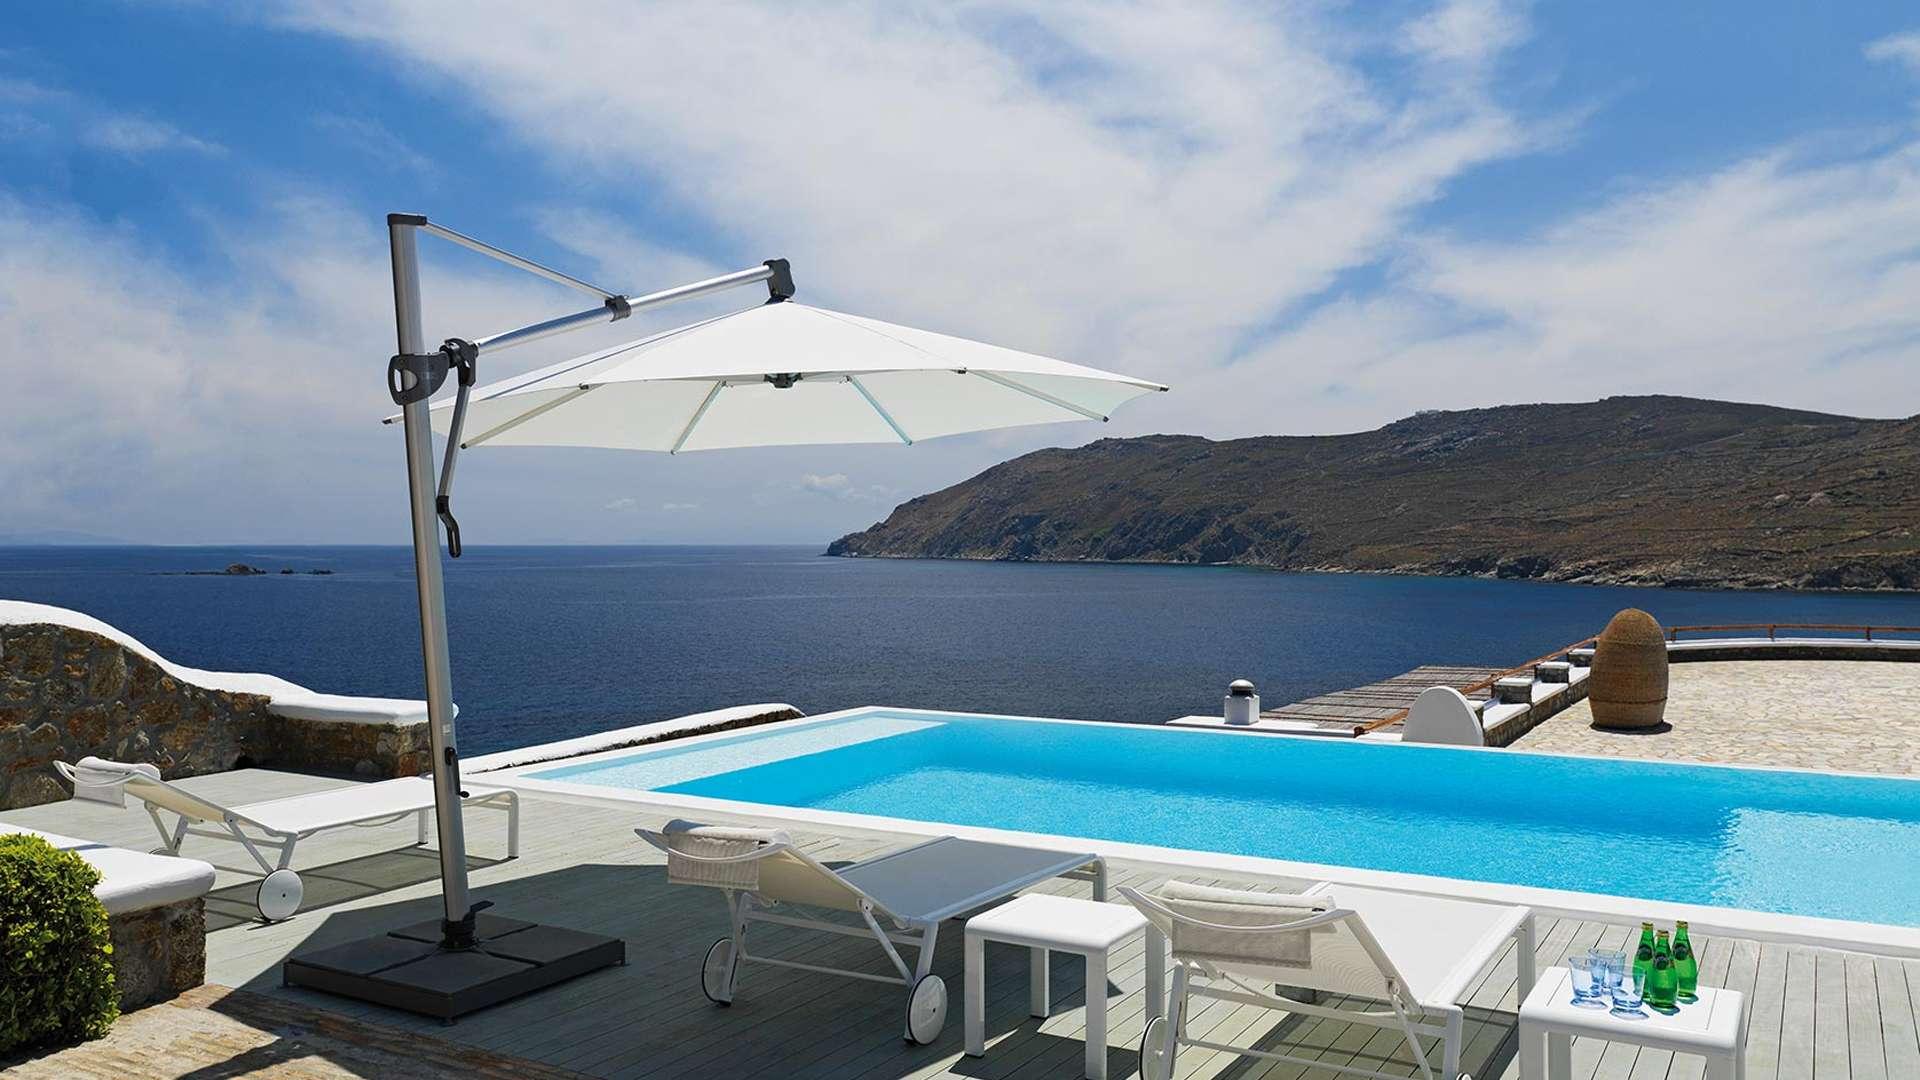 weißer Sombrano Sonnenschirm neben einem Pool am Meer